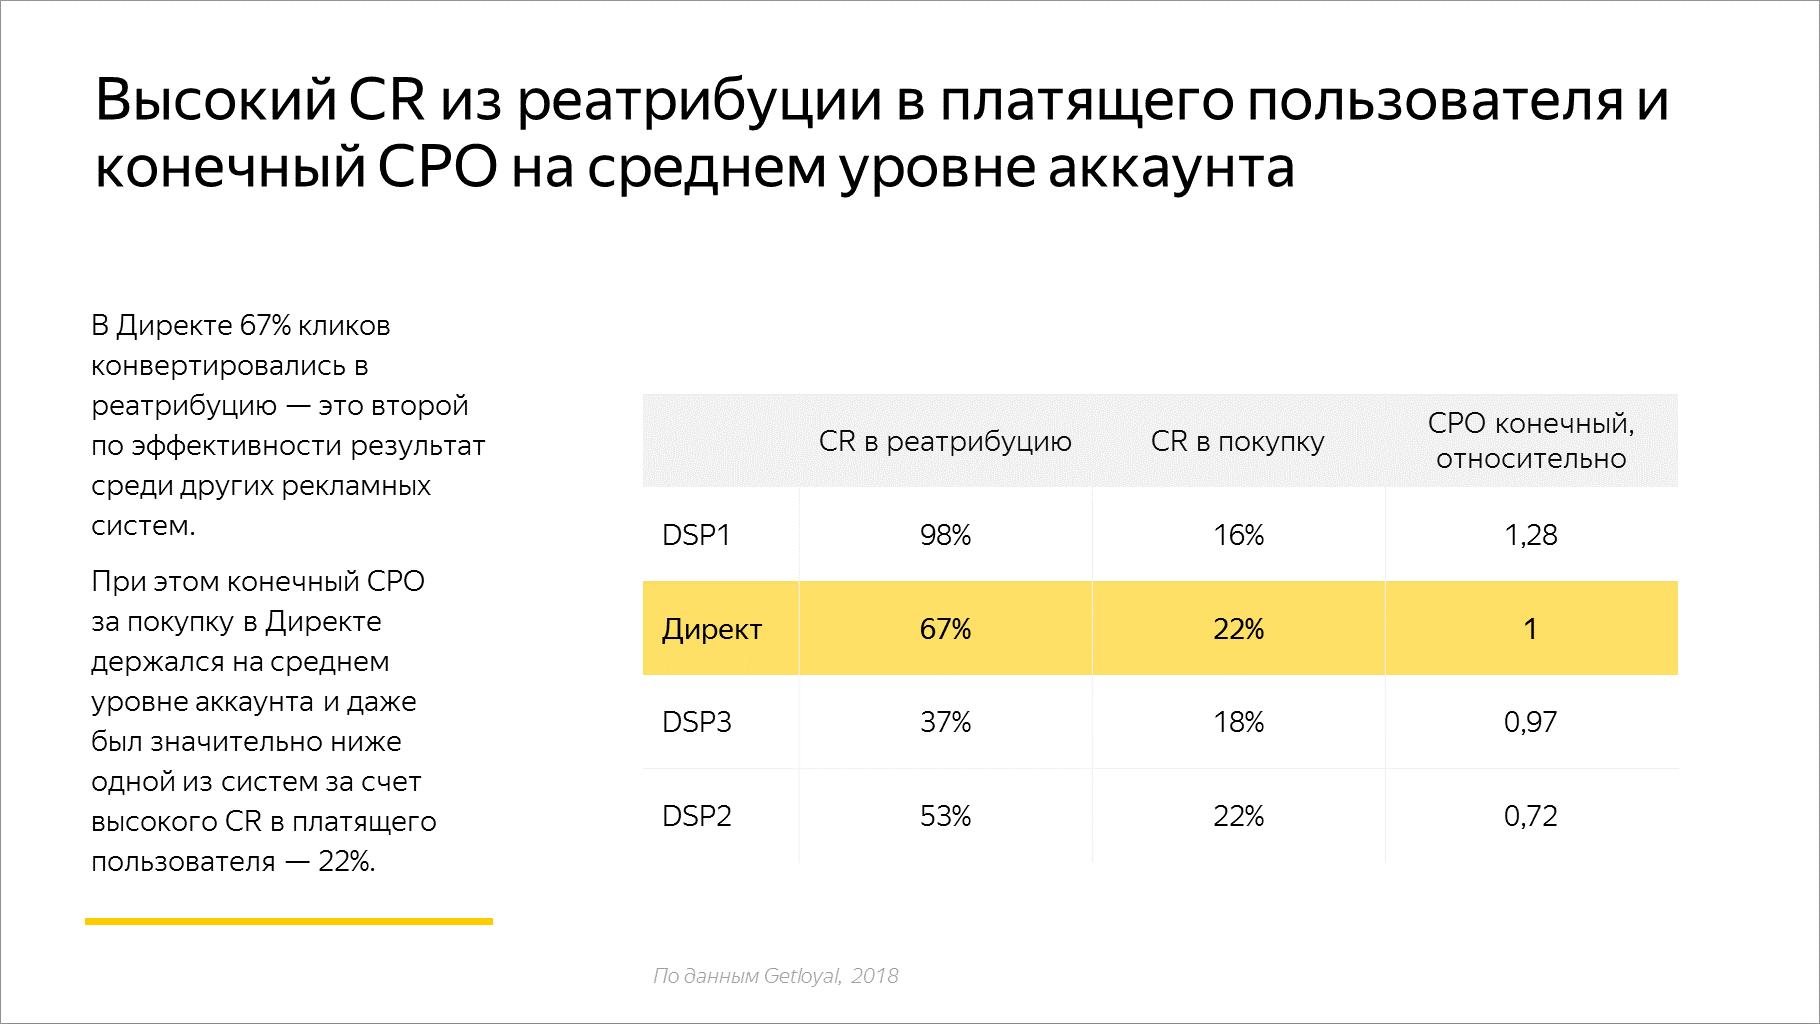 Высокий CR из реатрибуции в платящего пользователя и конечный CPO на среднем уровне аккаунта